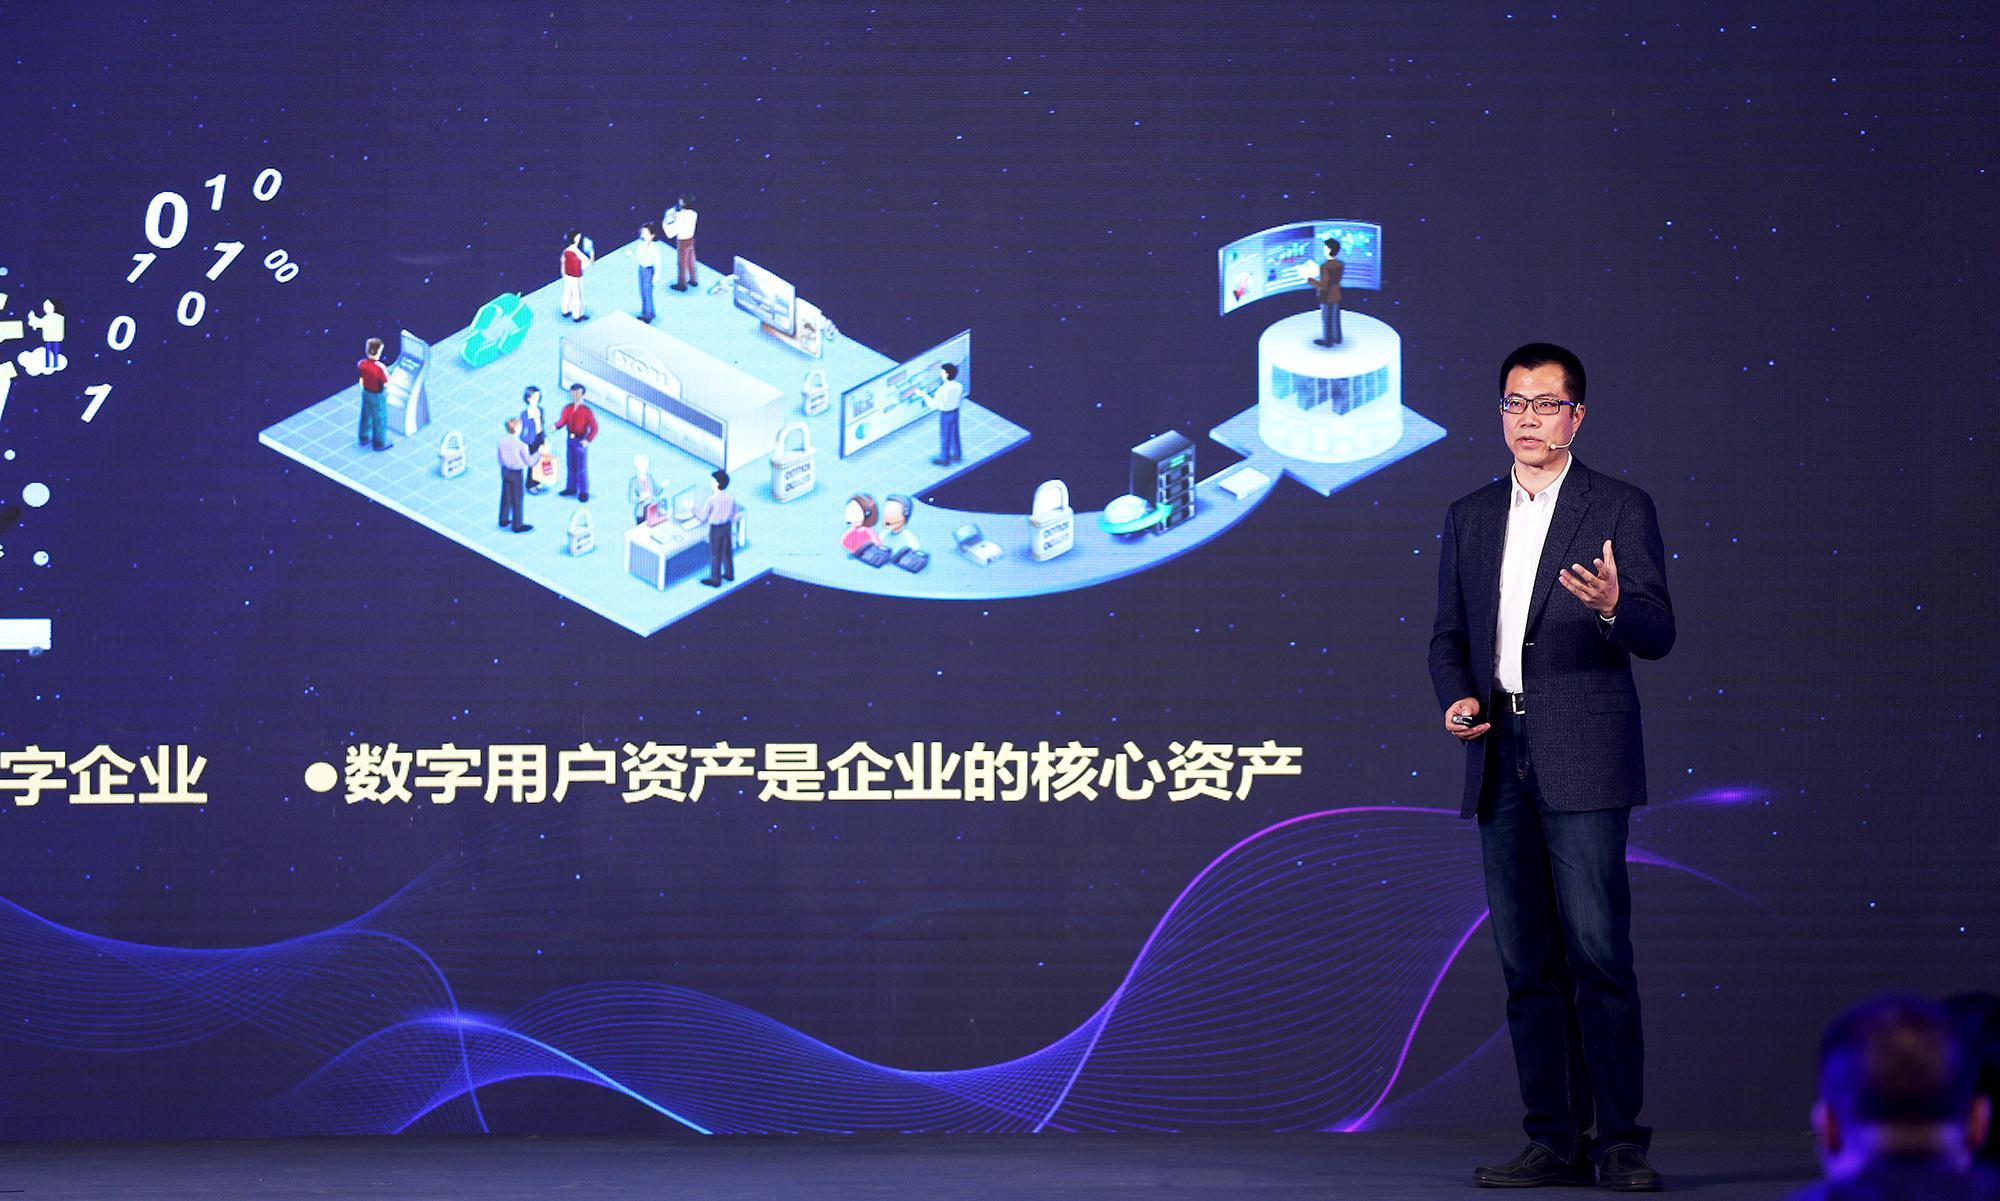 易观CEO于揚荣获2016年中国大数据管理创新奖